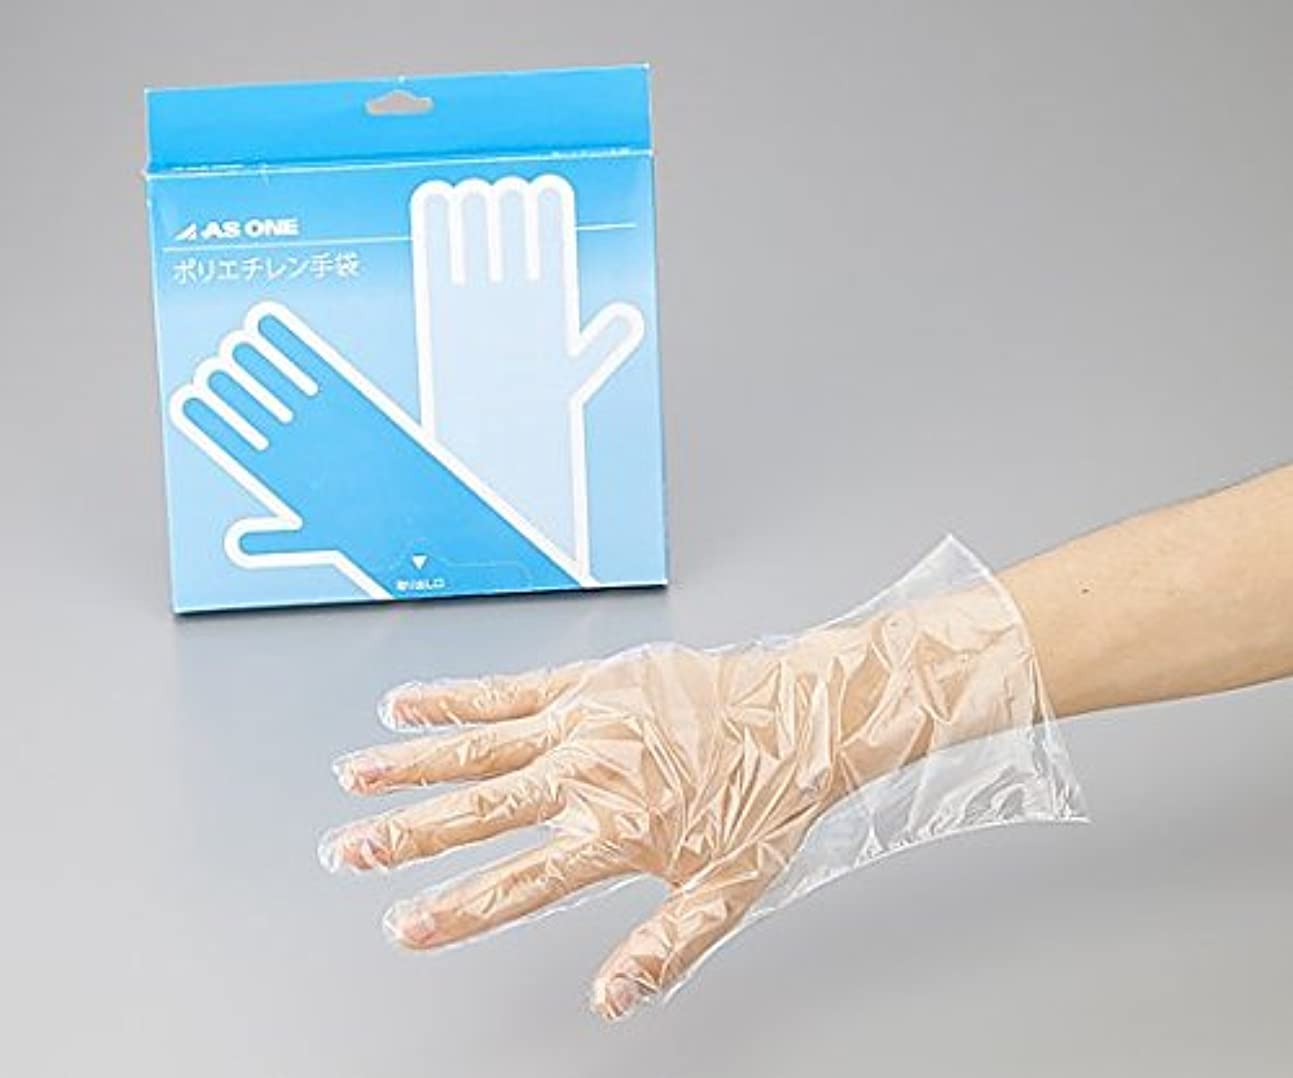 テメリティ悲鳴普及アズワン2-4972-03ポリエチレン手袋エコノミー薄手S100枚入